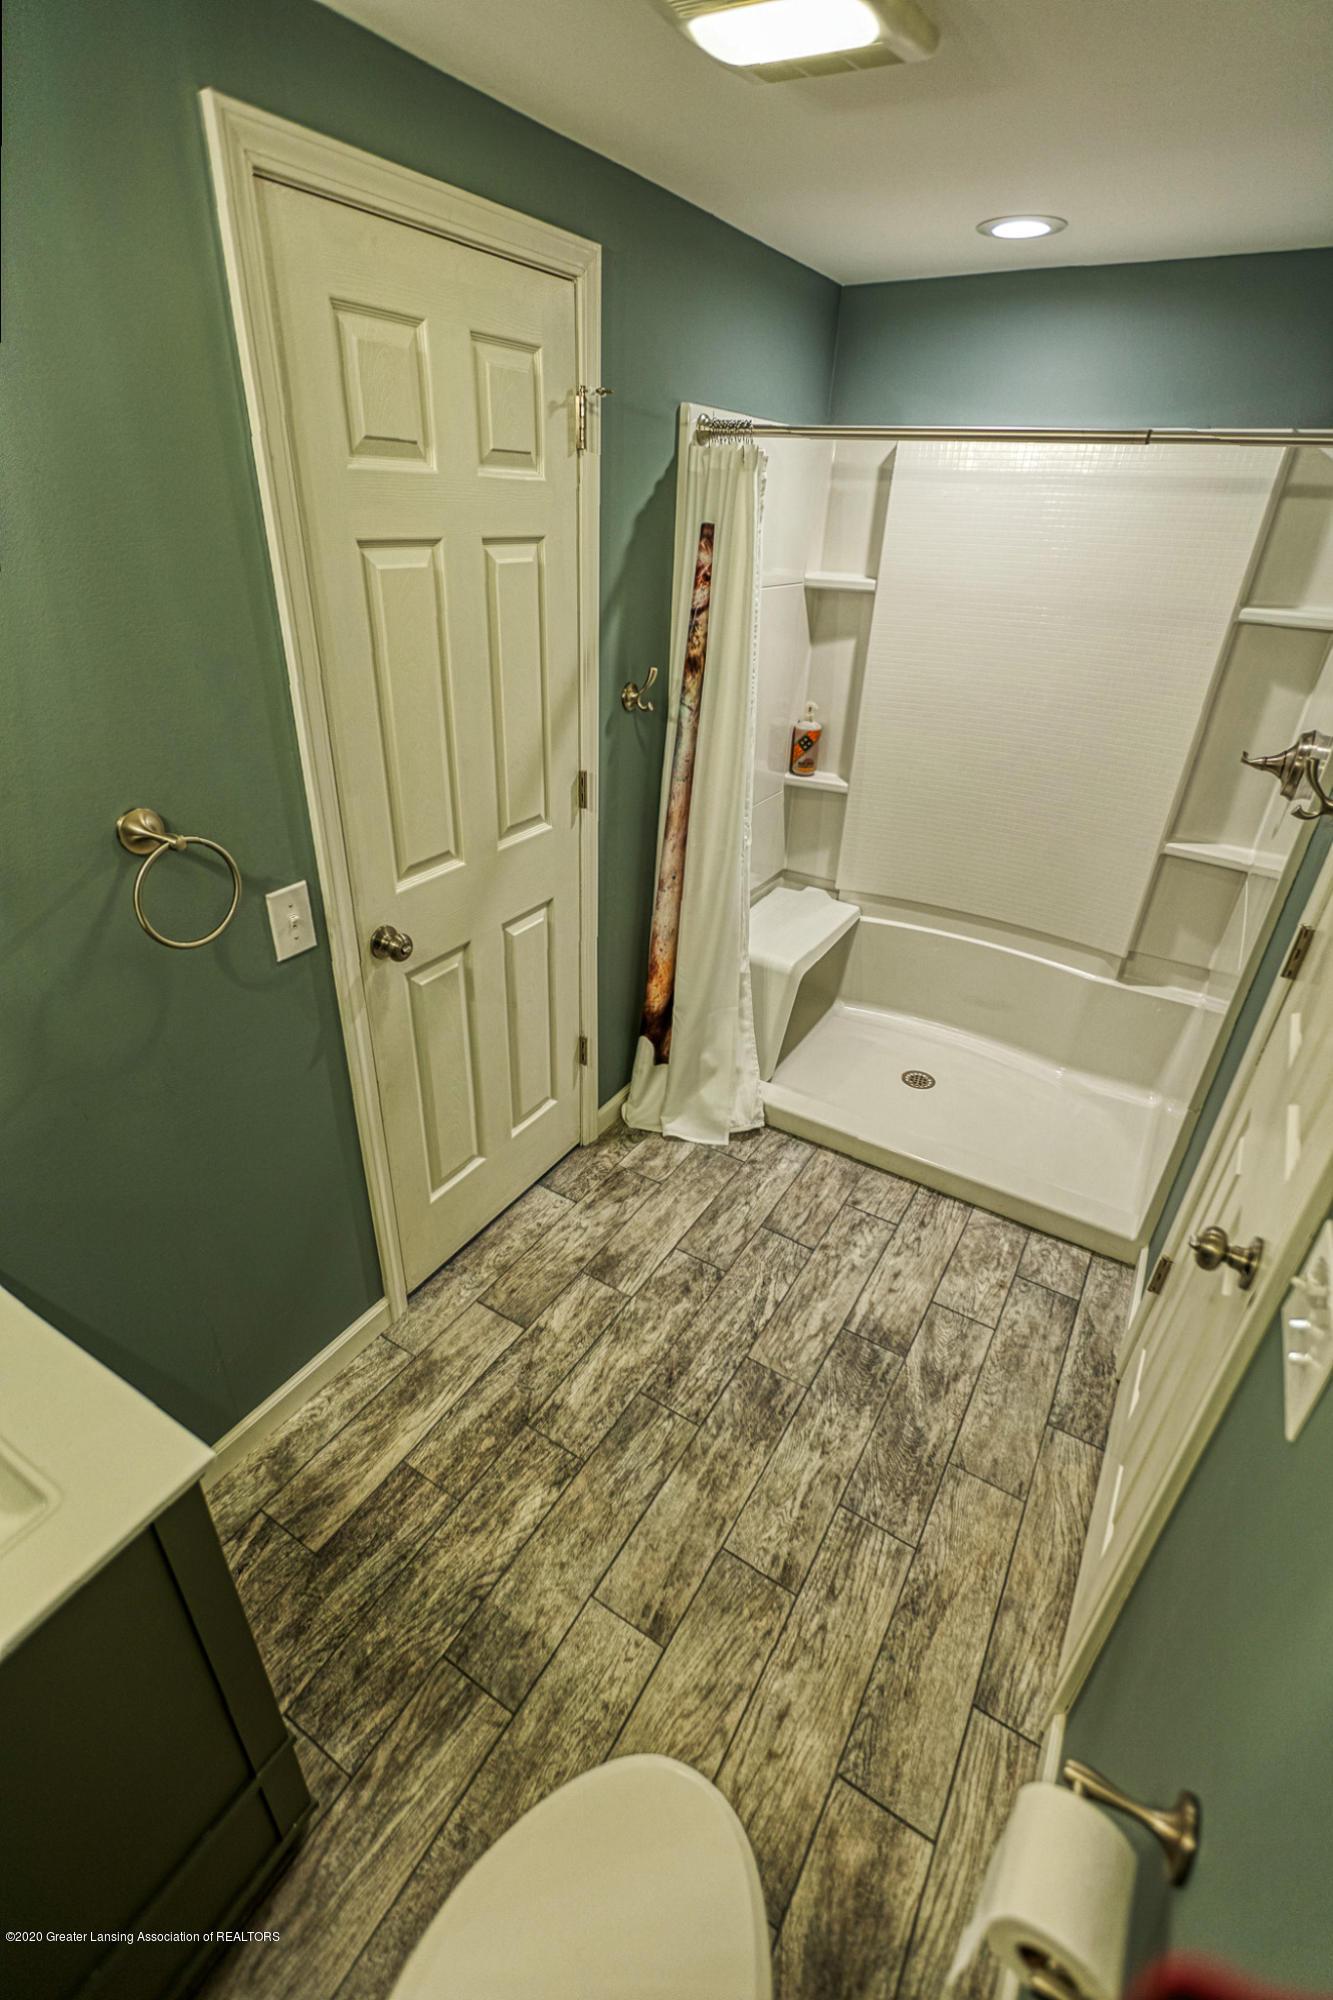 3668 Fairhills Dr - Full Bathroom - 22